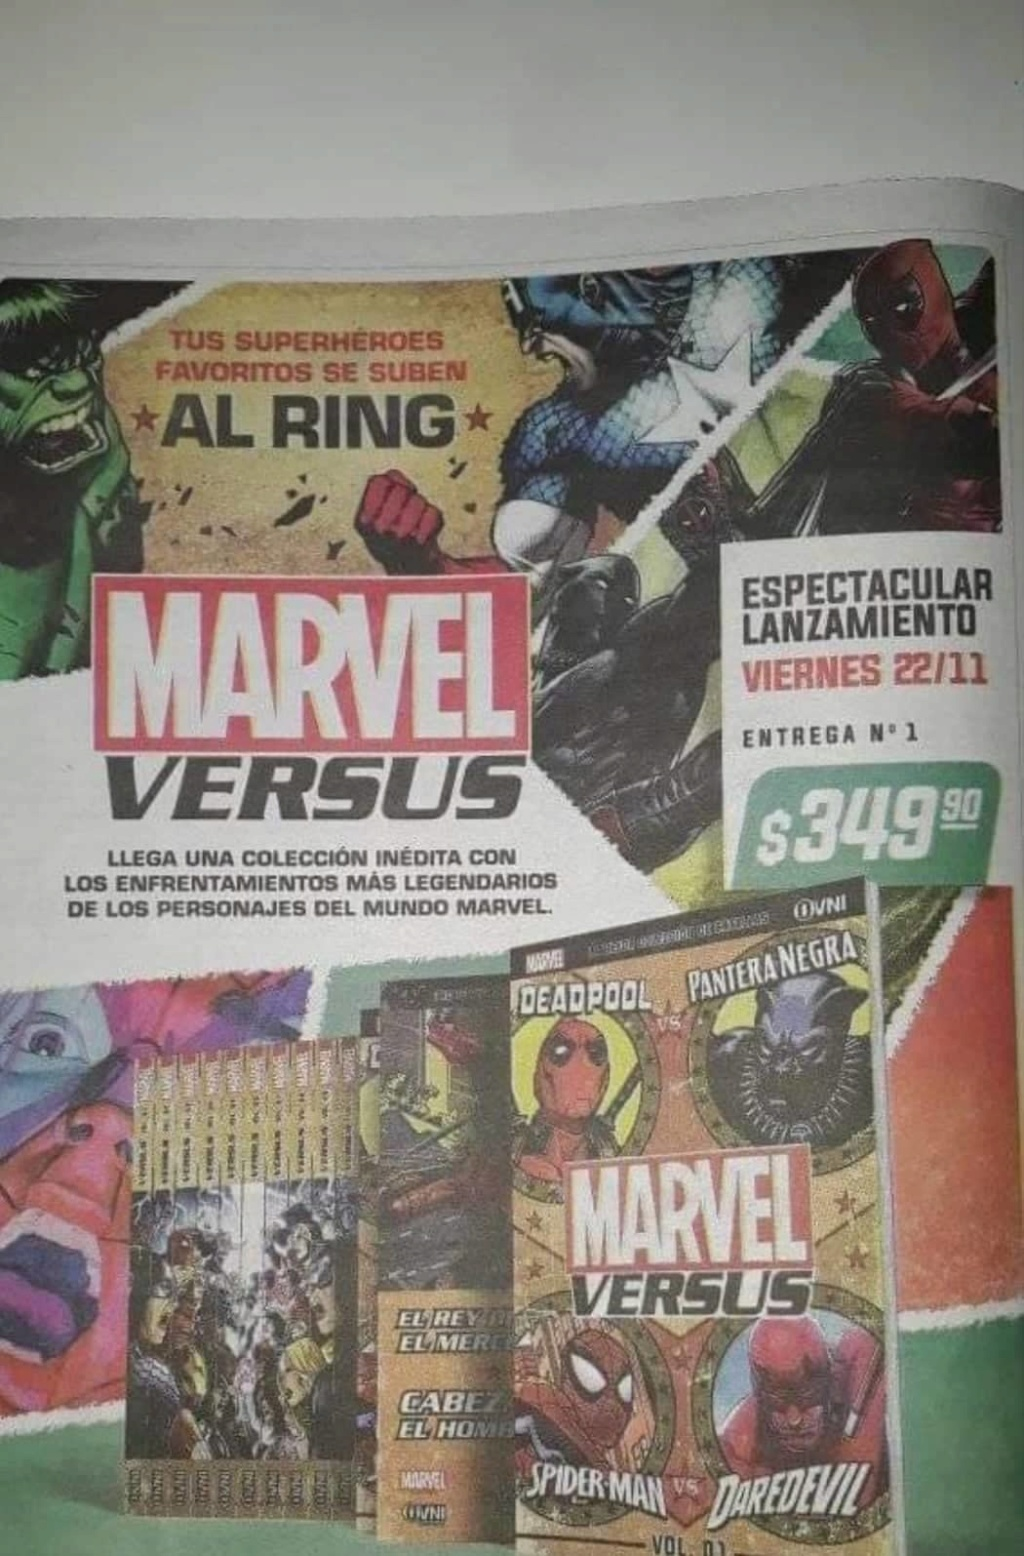 01 - [Clarín - Ovni-Press] Colección Marvel Versus  Diario10